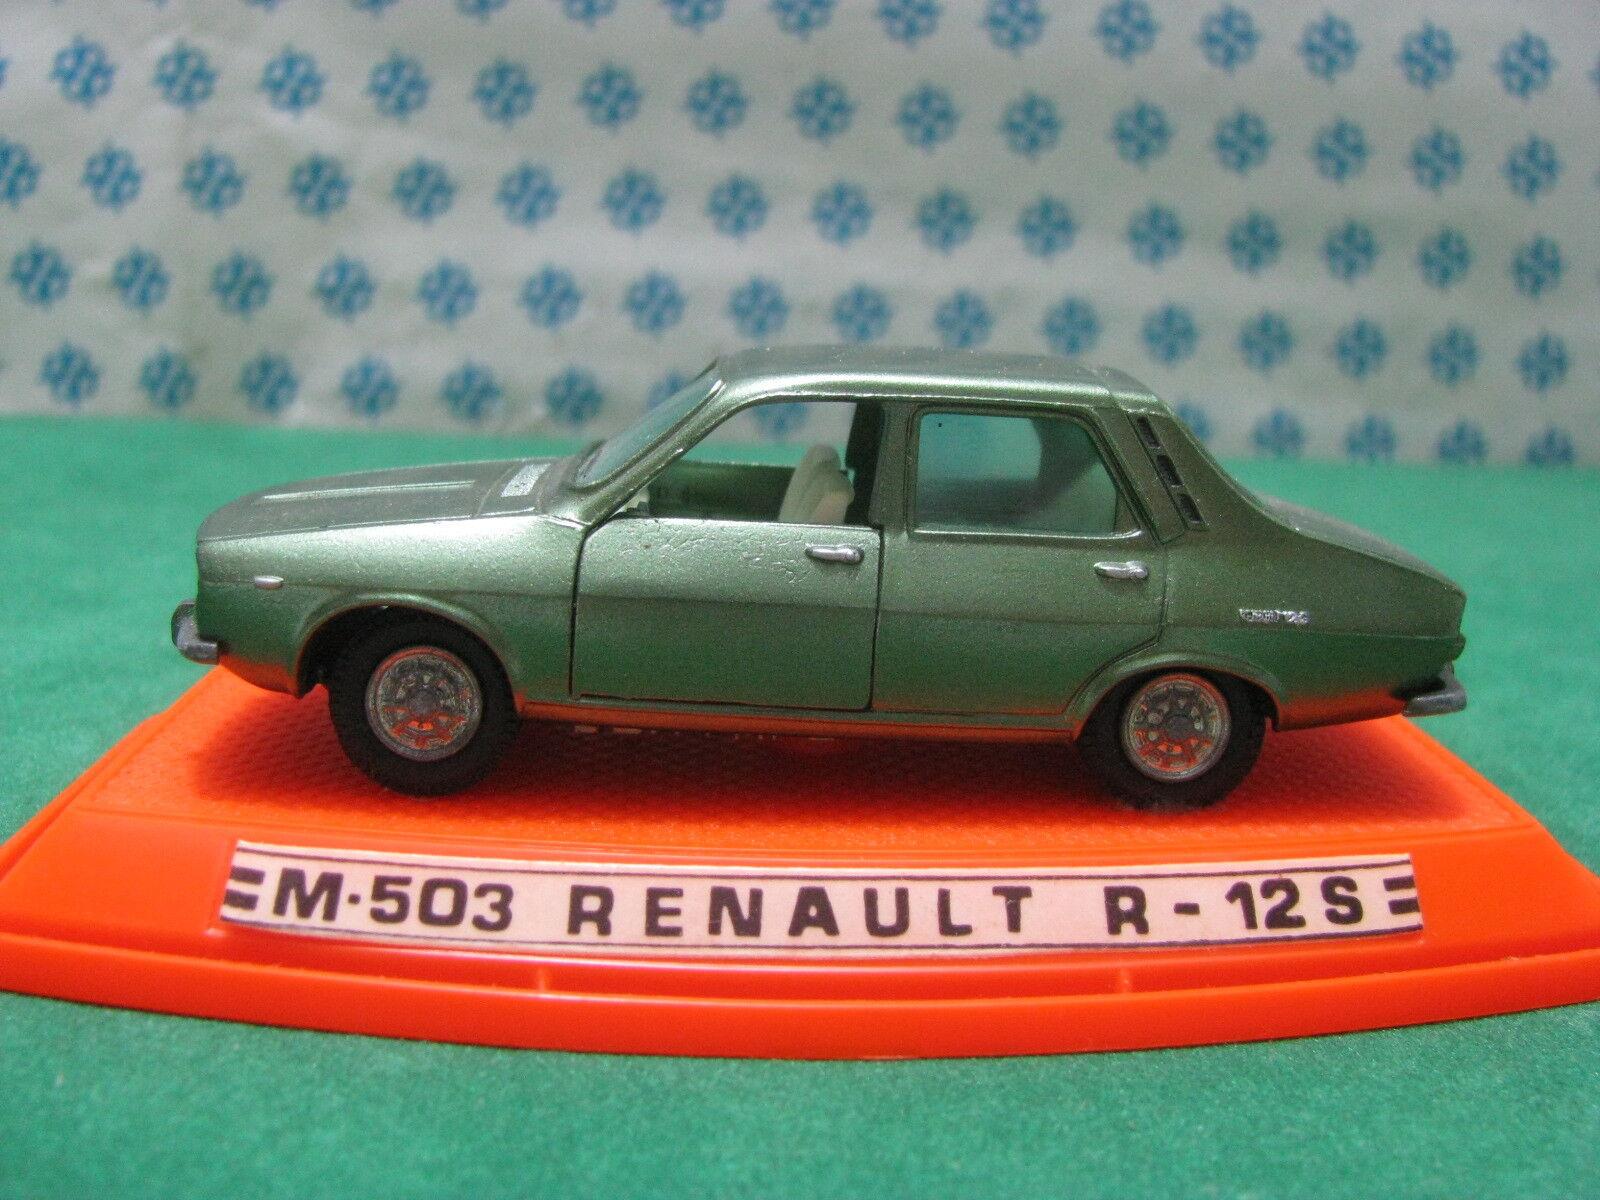 Vintage - Renault 12 S - 1 43 Auto-Pilen M-503